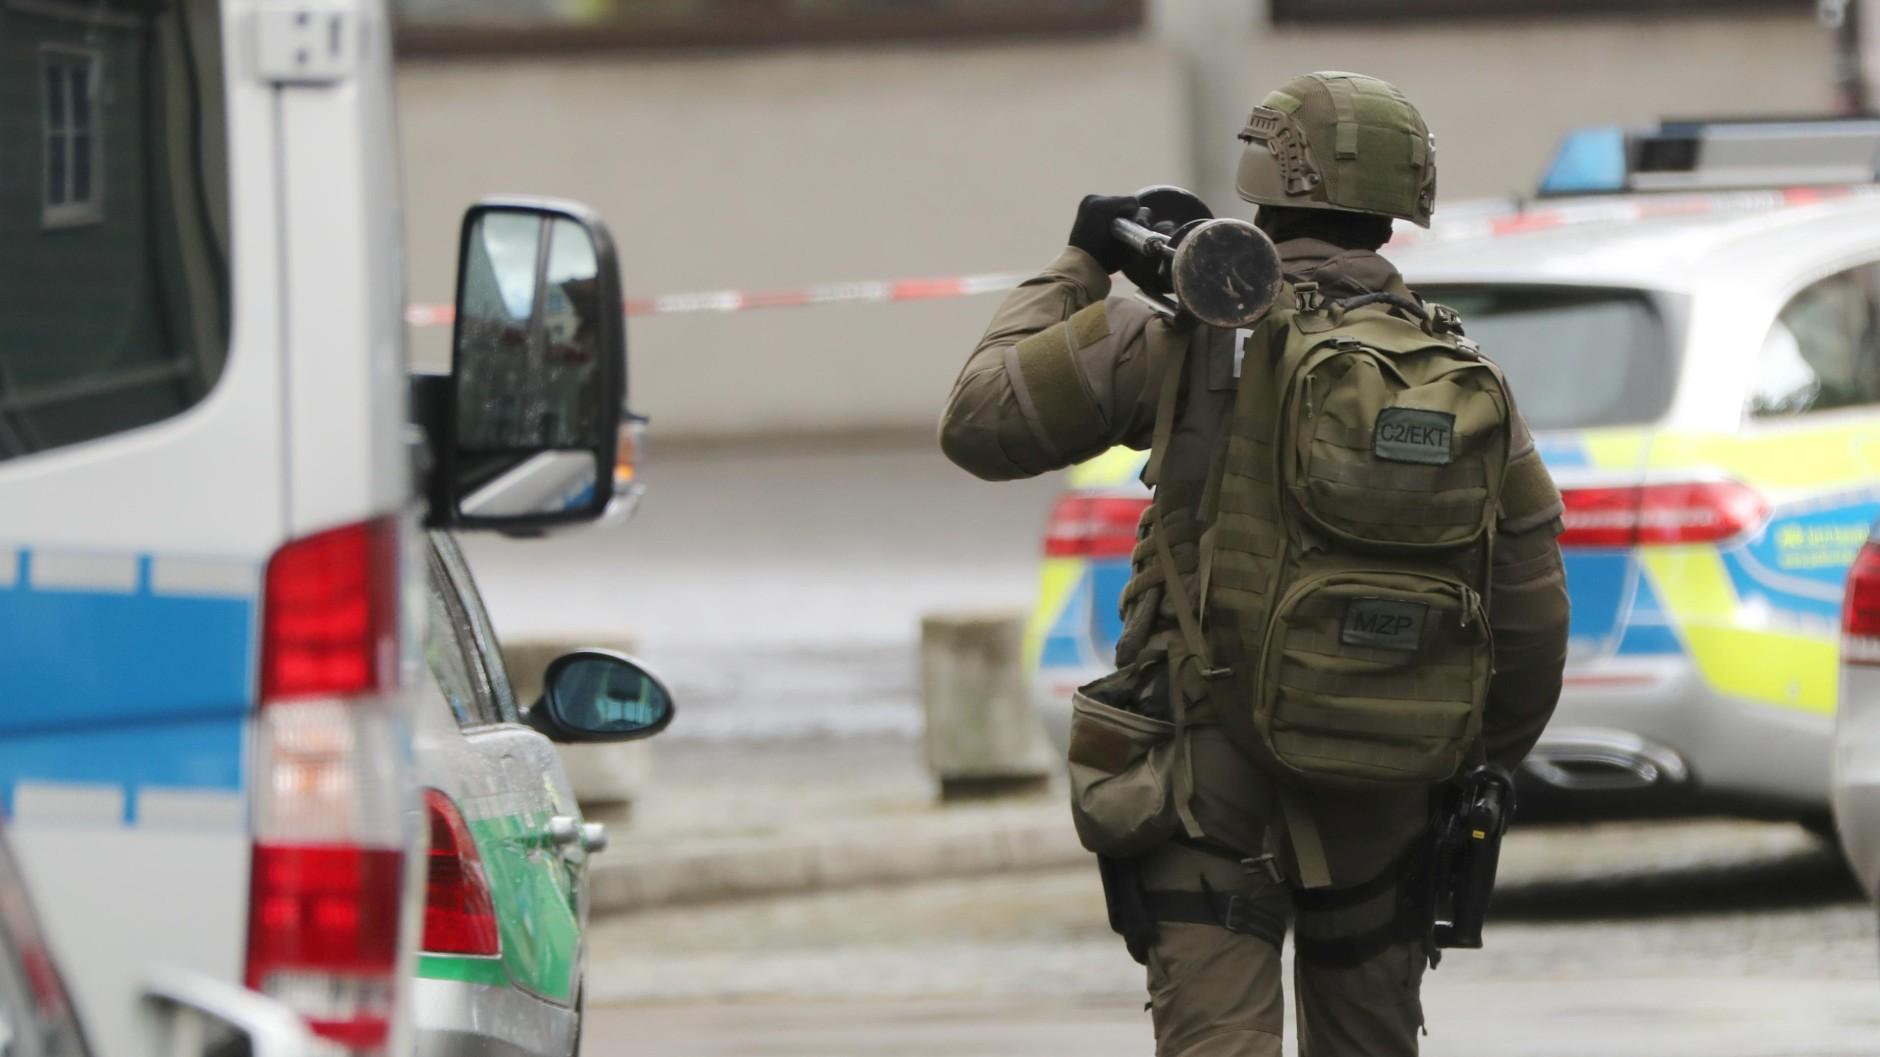 Sondereinsatzkommando stürmt Asylunterkunft